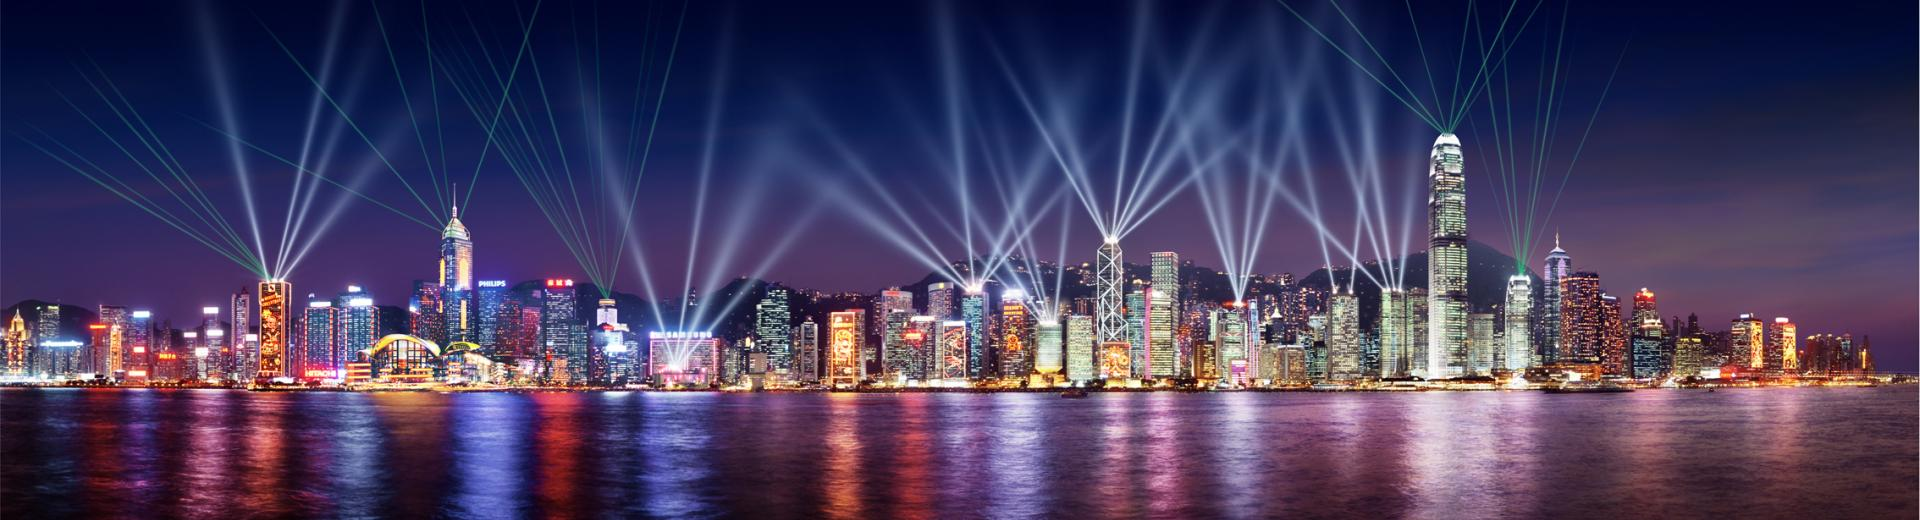 HK nightshot rgb lores